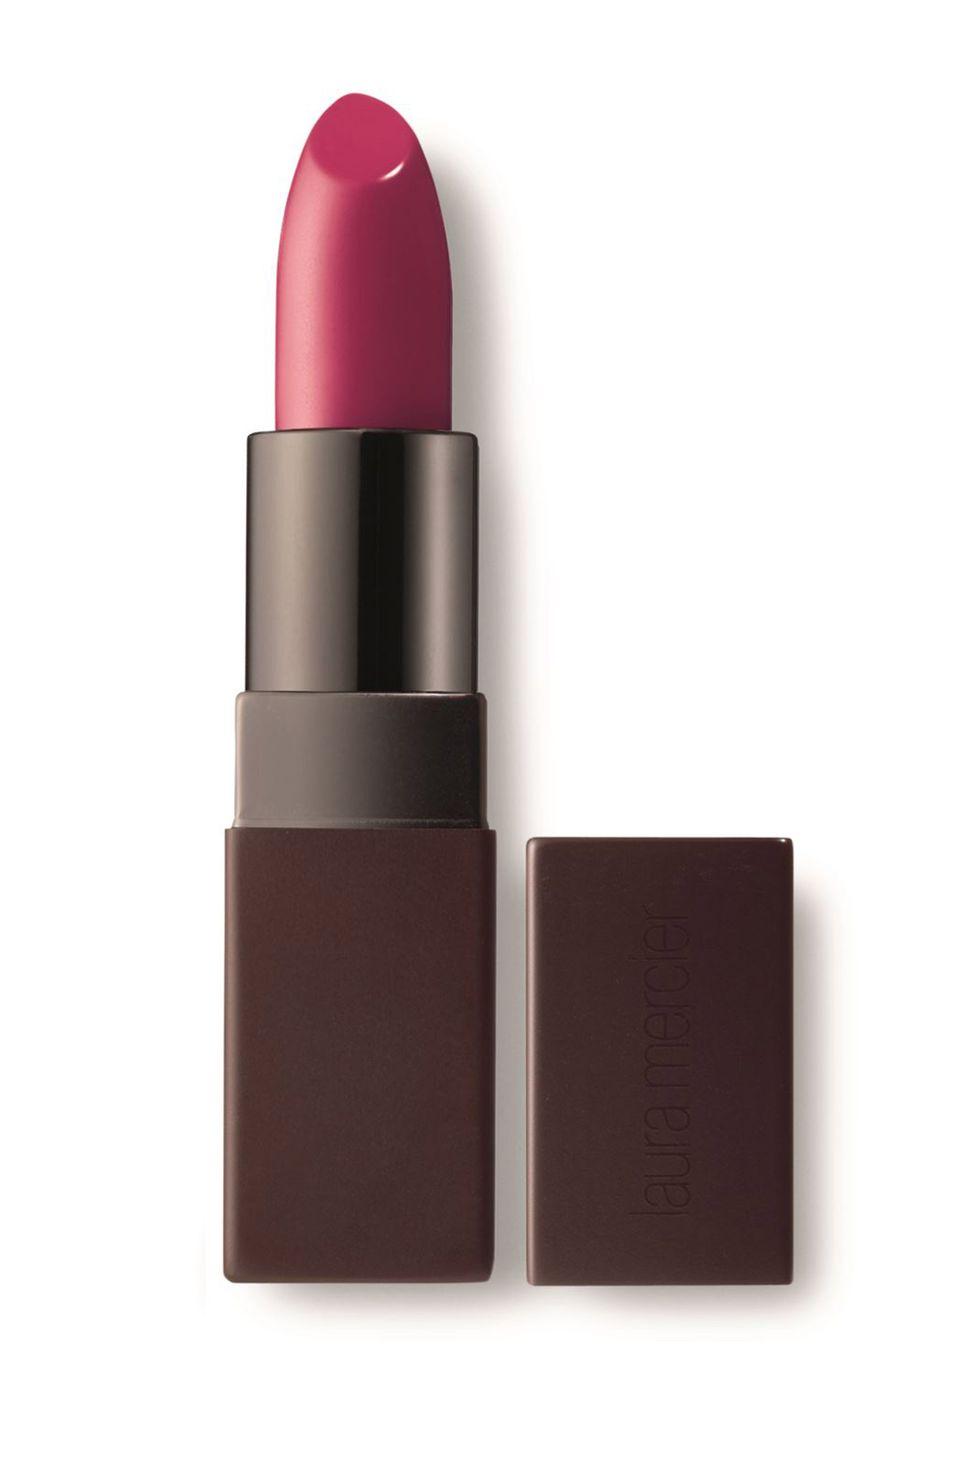 Laura Mercier Velour Lovers Lipstick in Boudoir,